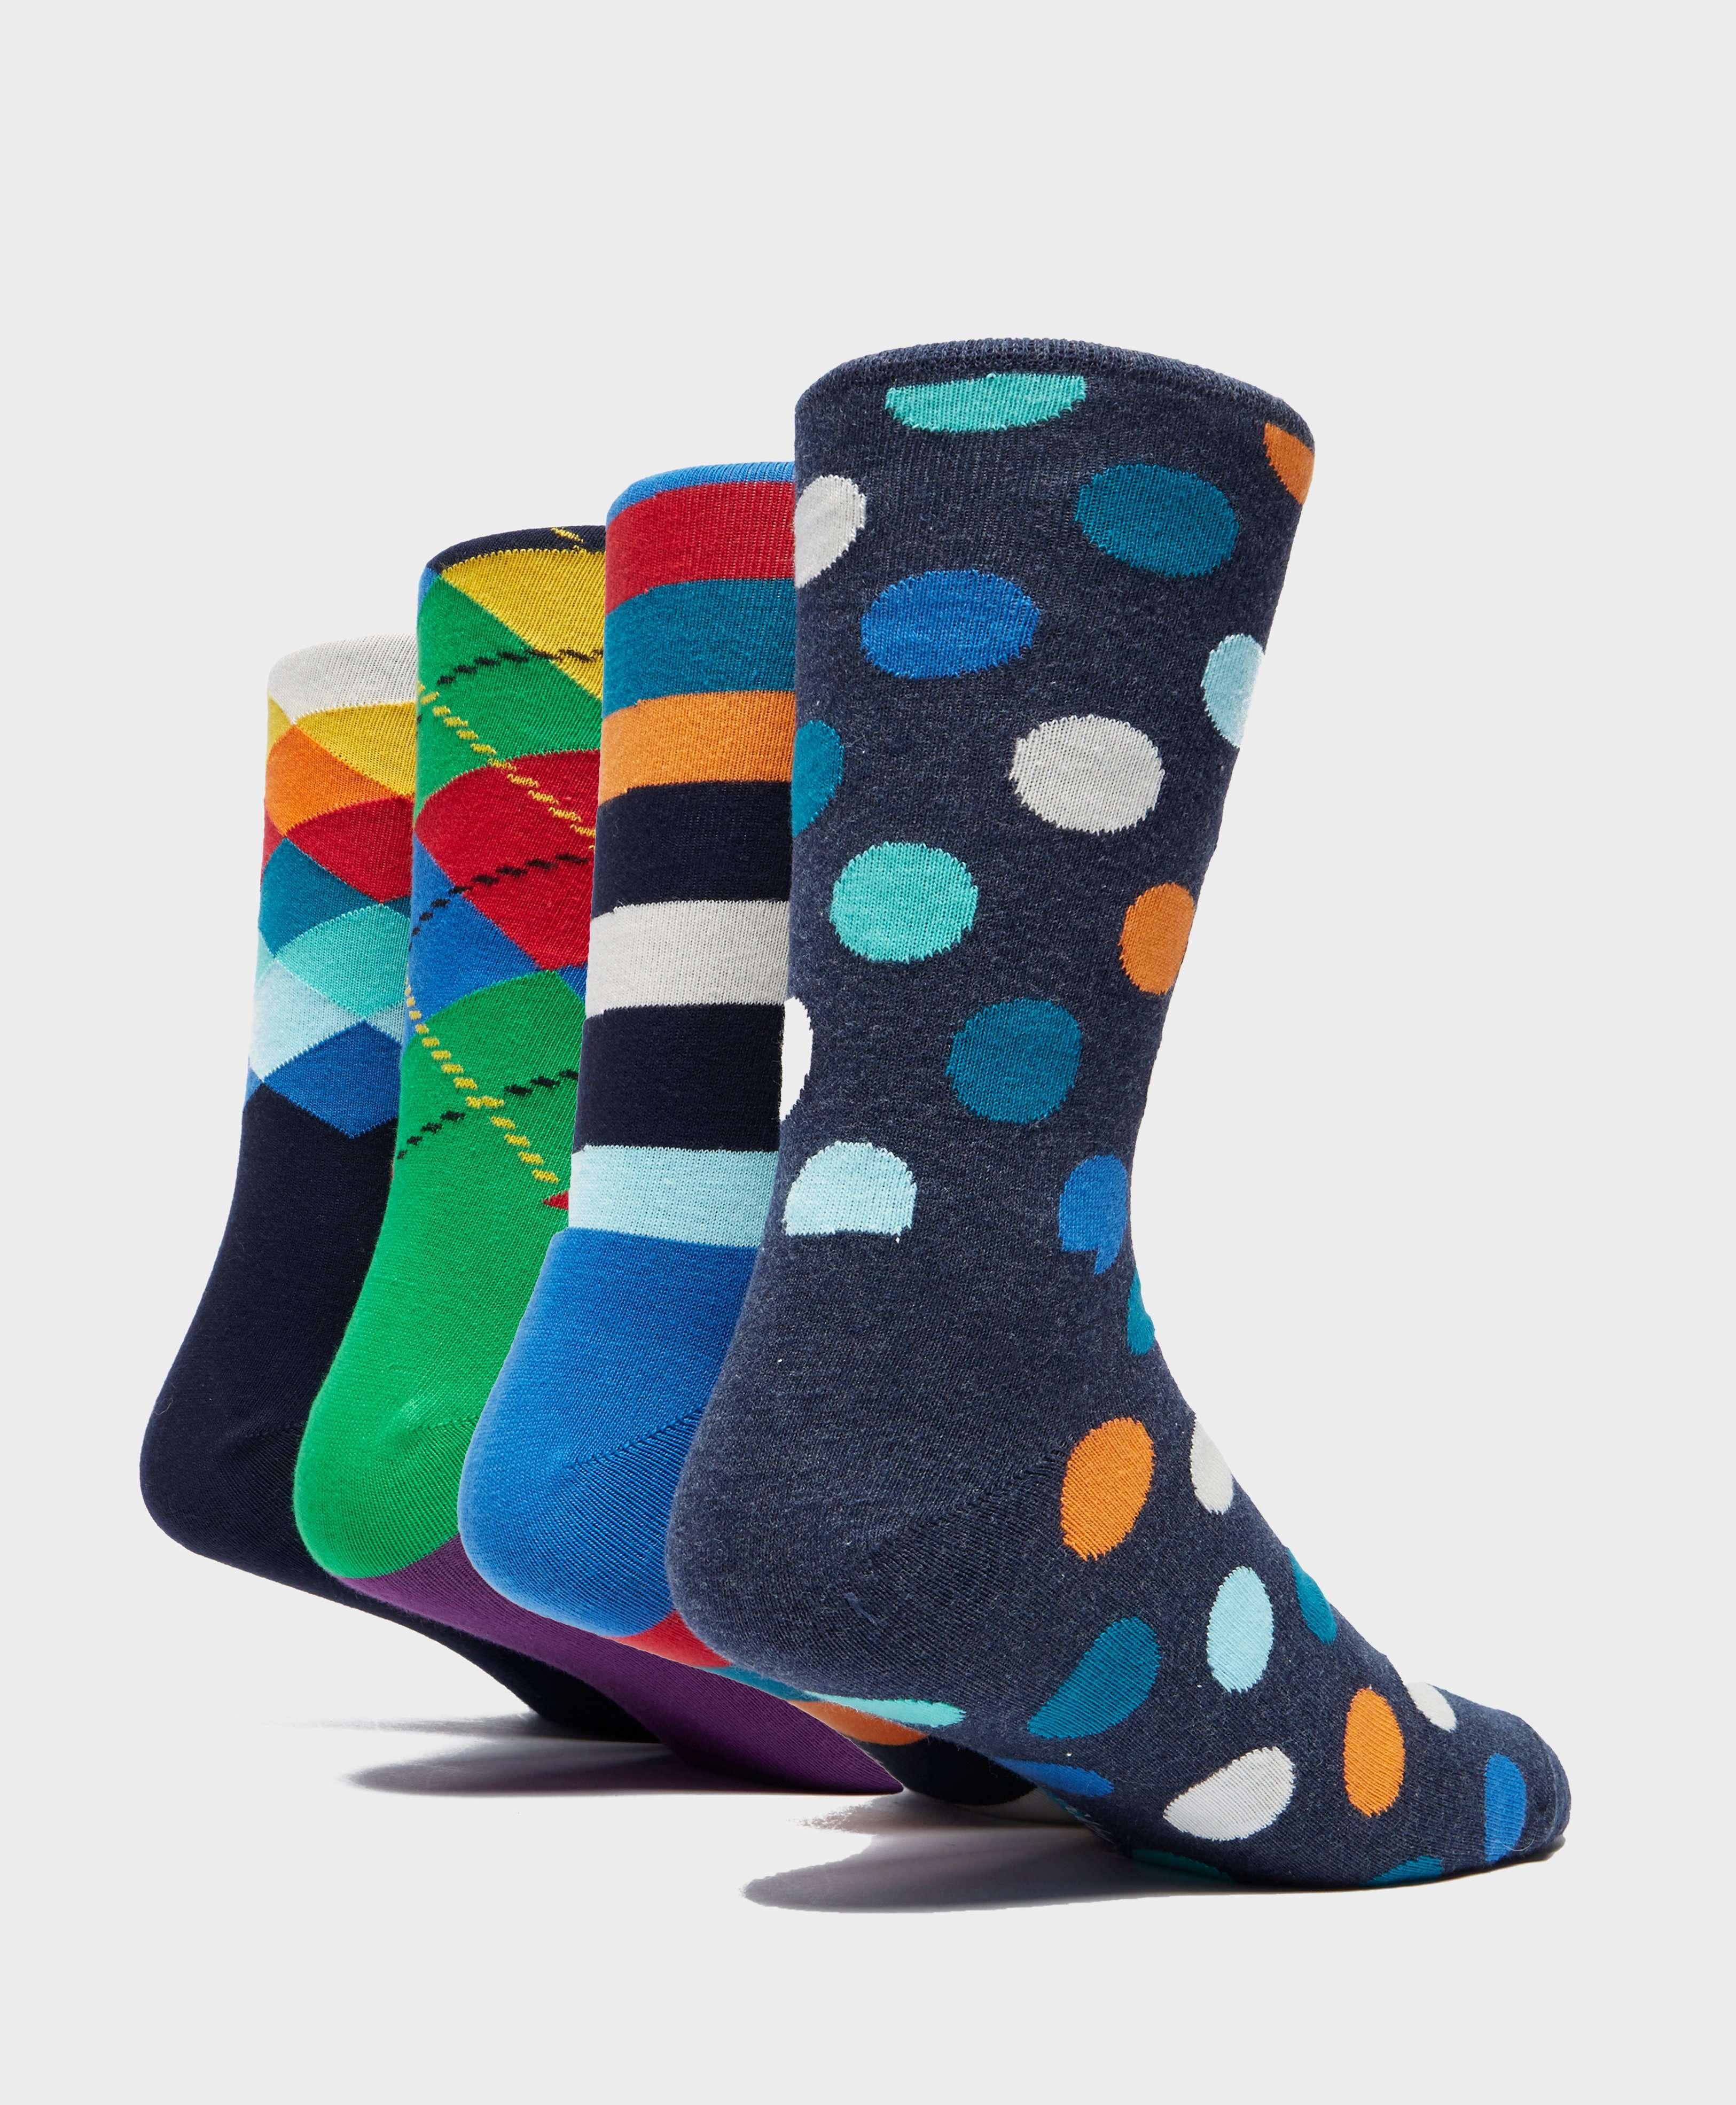 Happy Socks 4-Pack Patterned Socks